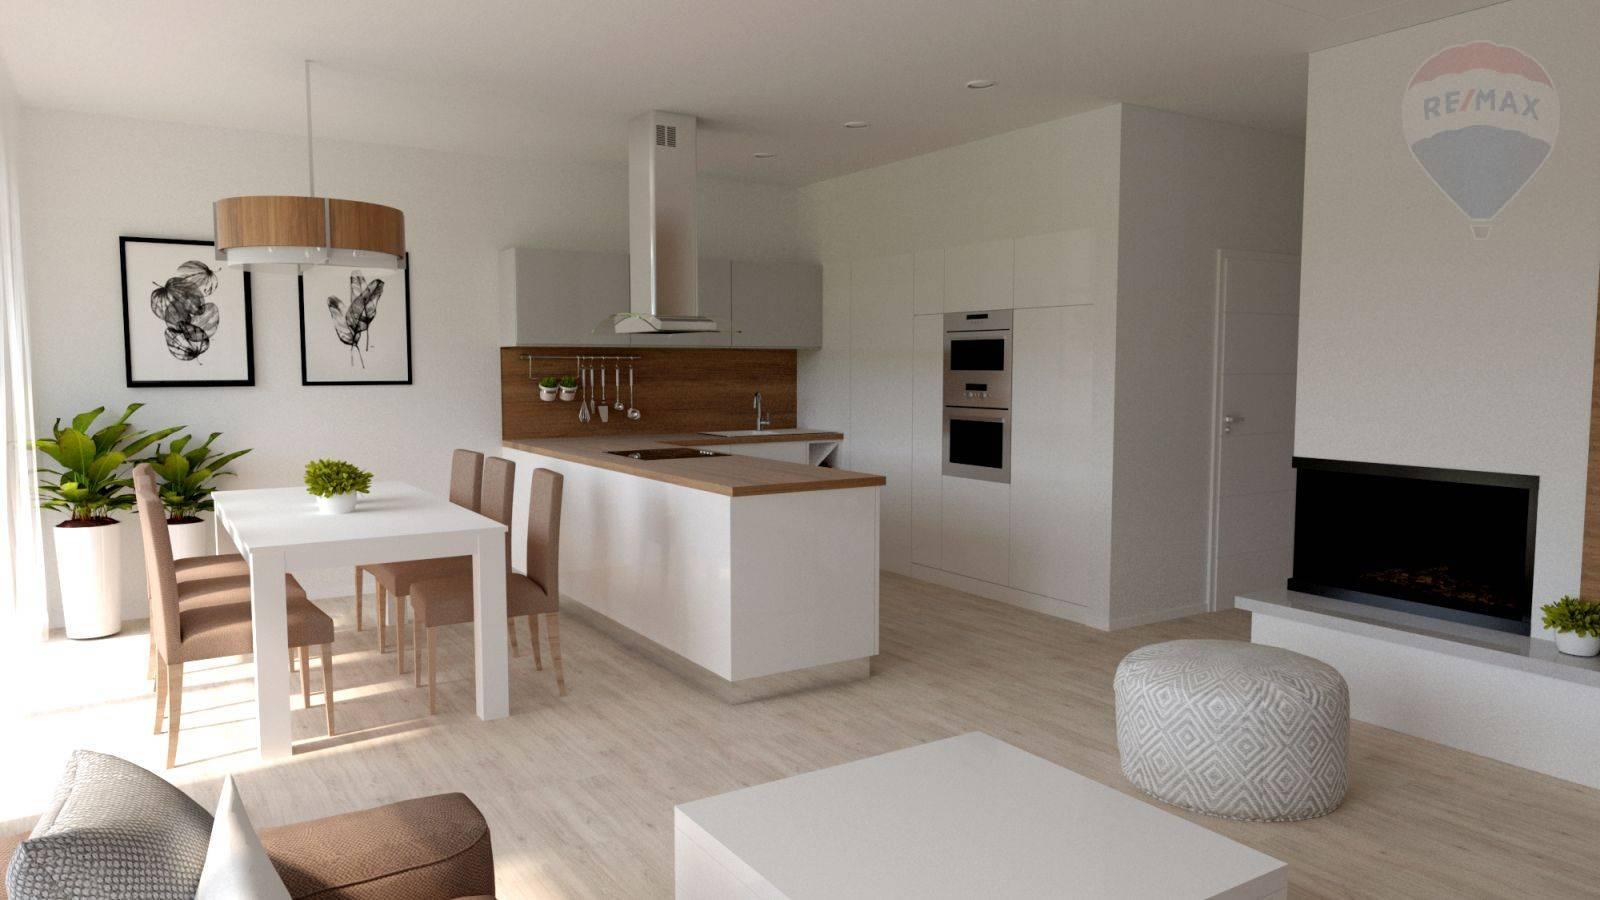 Predaj domu 100 m2, Šamorín - vizualizácia kuchyňa